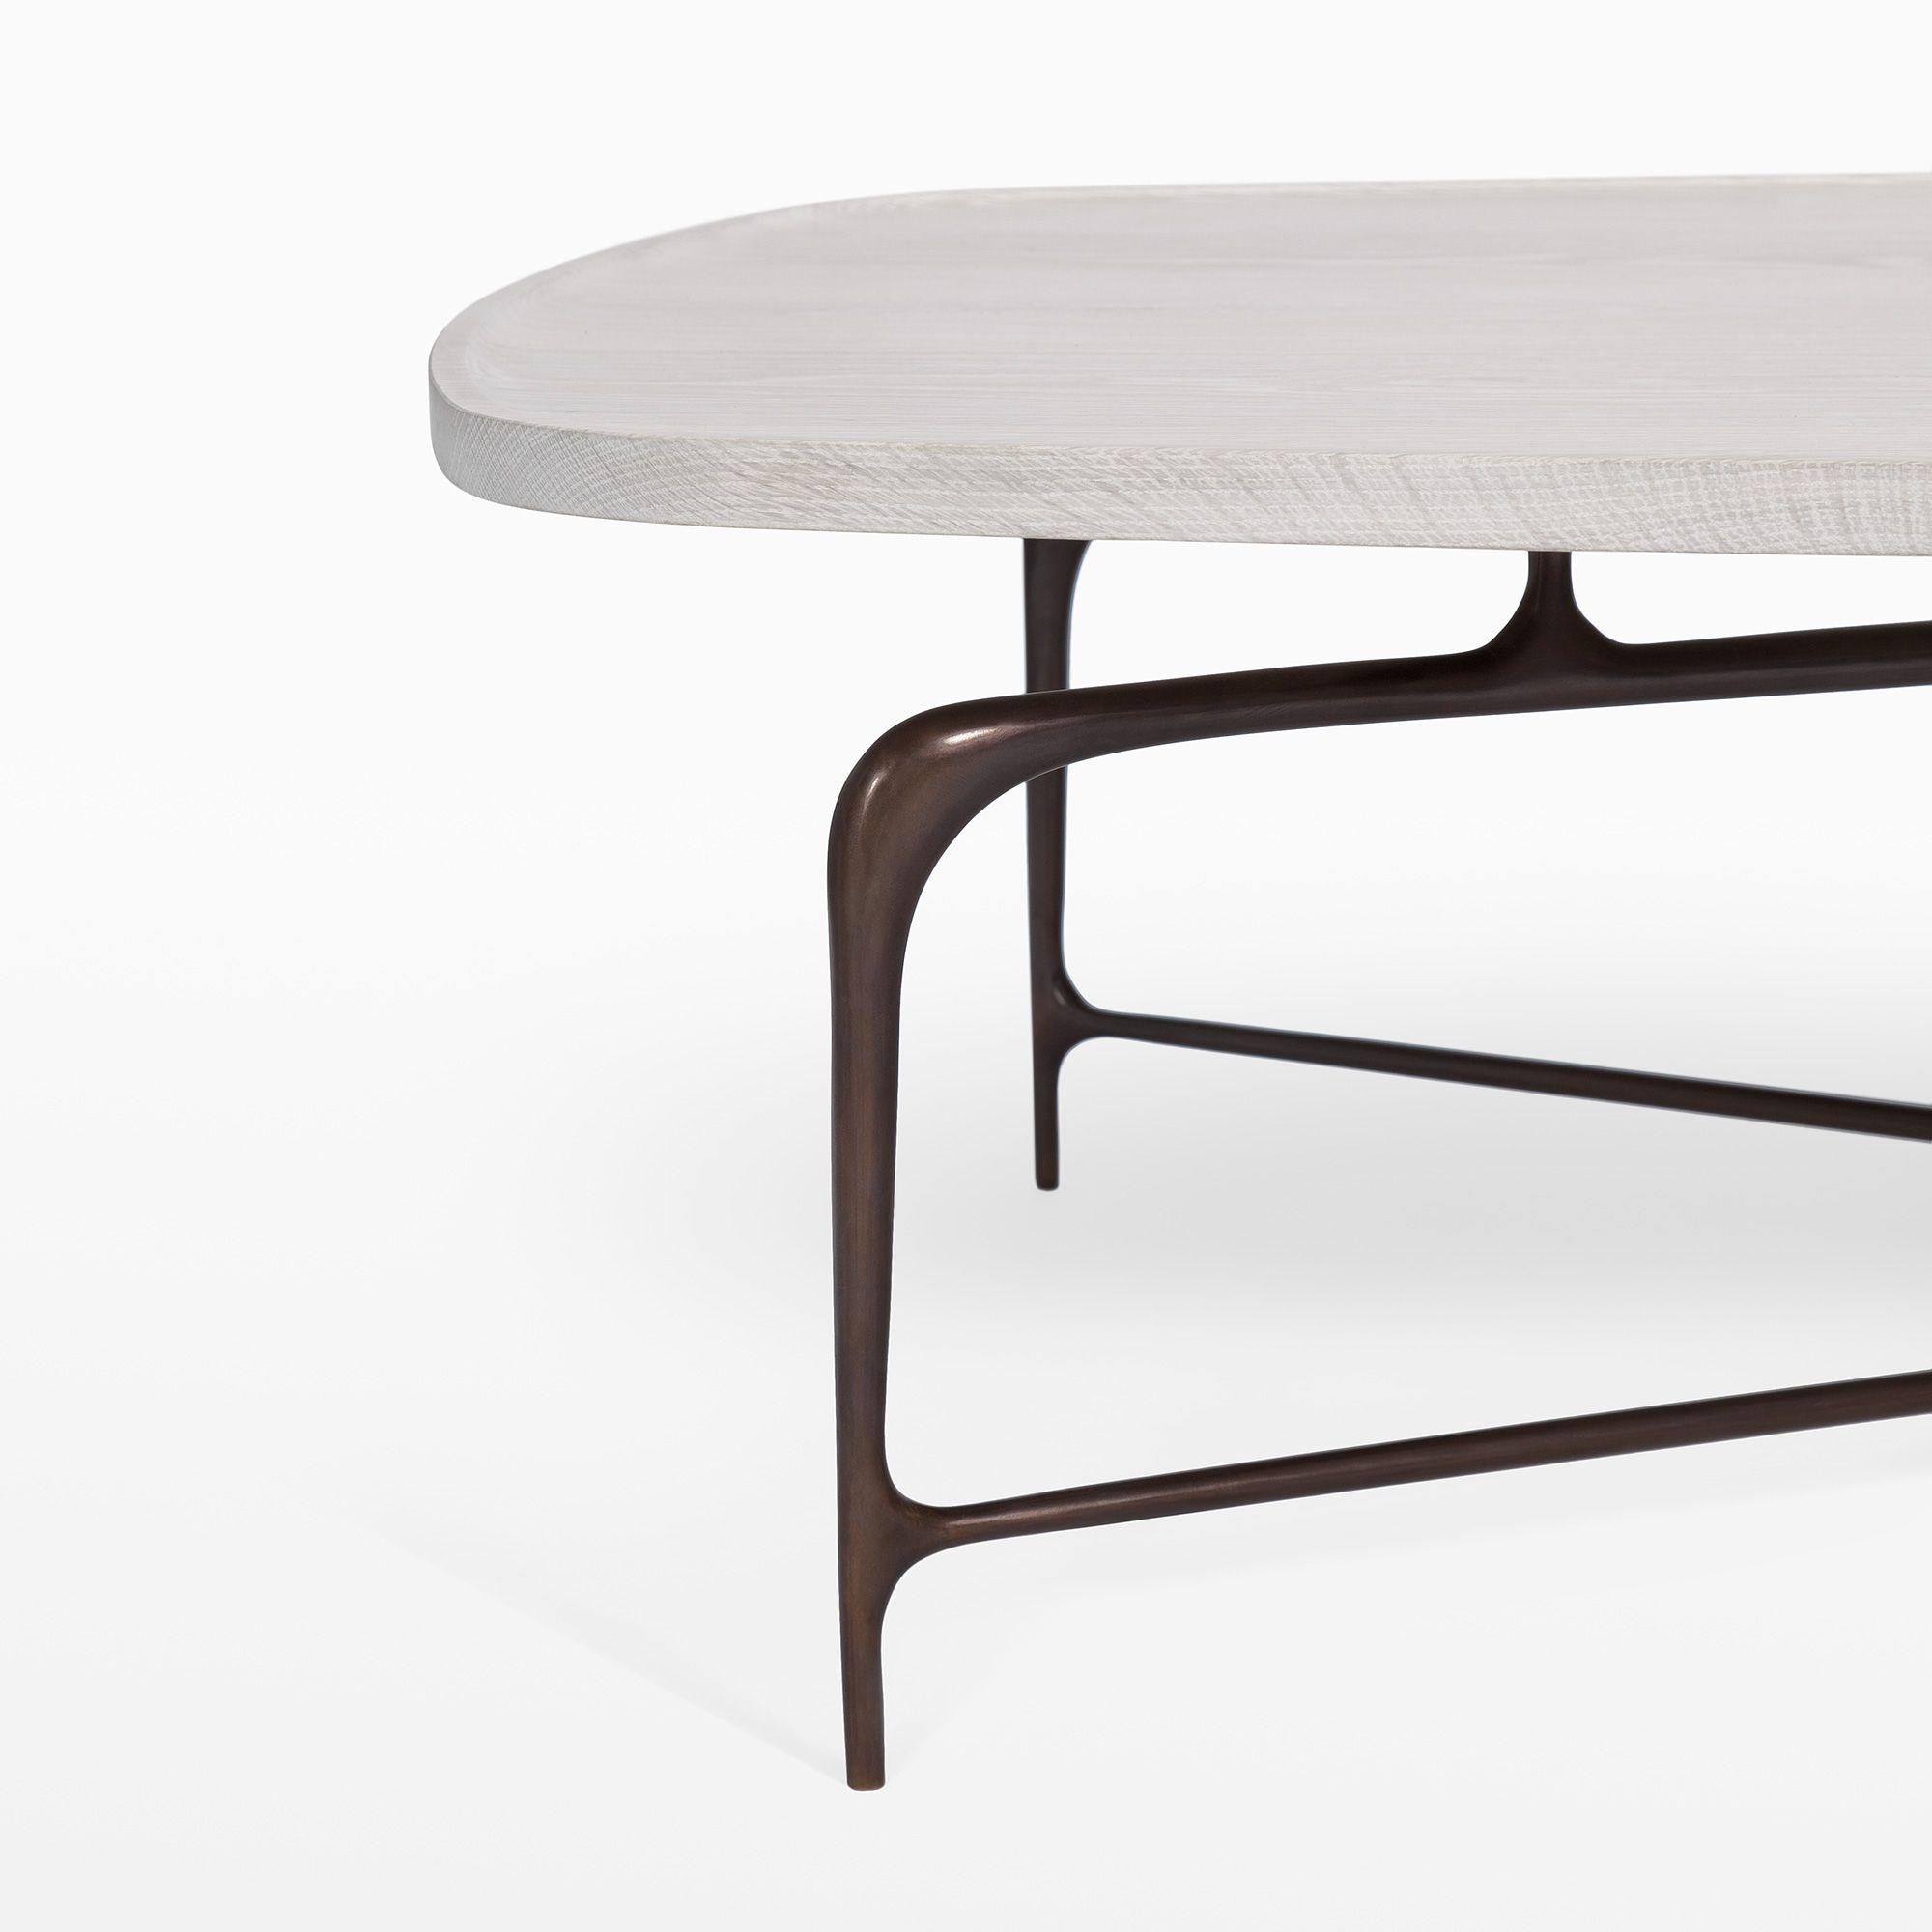 Bridger Cocktail Table - CASTE Design | CHAIR LOVE | Pinterest